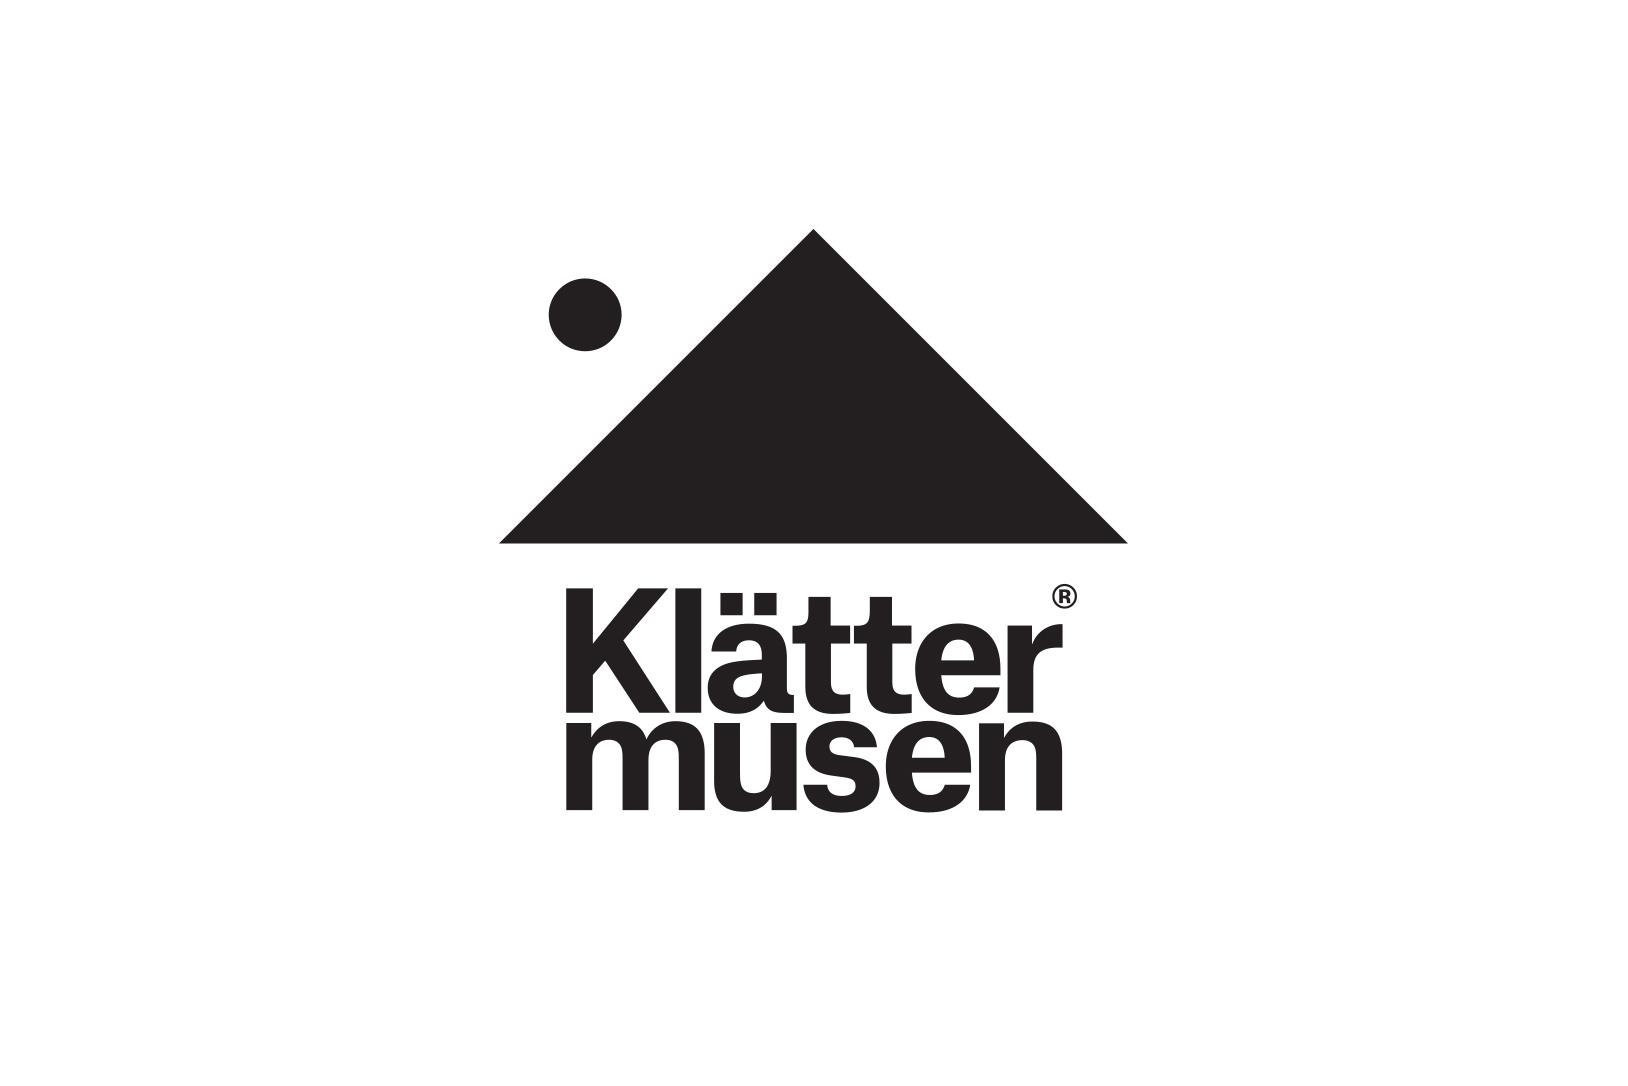 klattermusen_7848.jpg